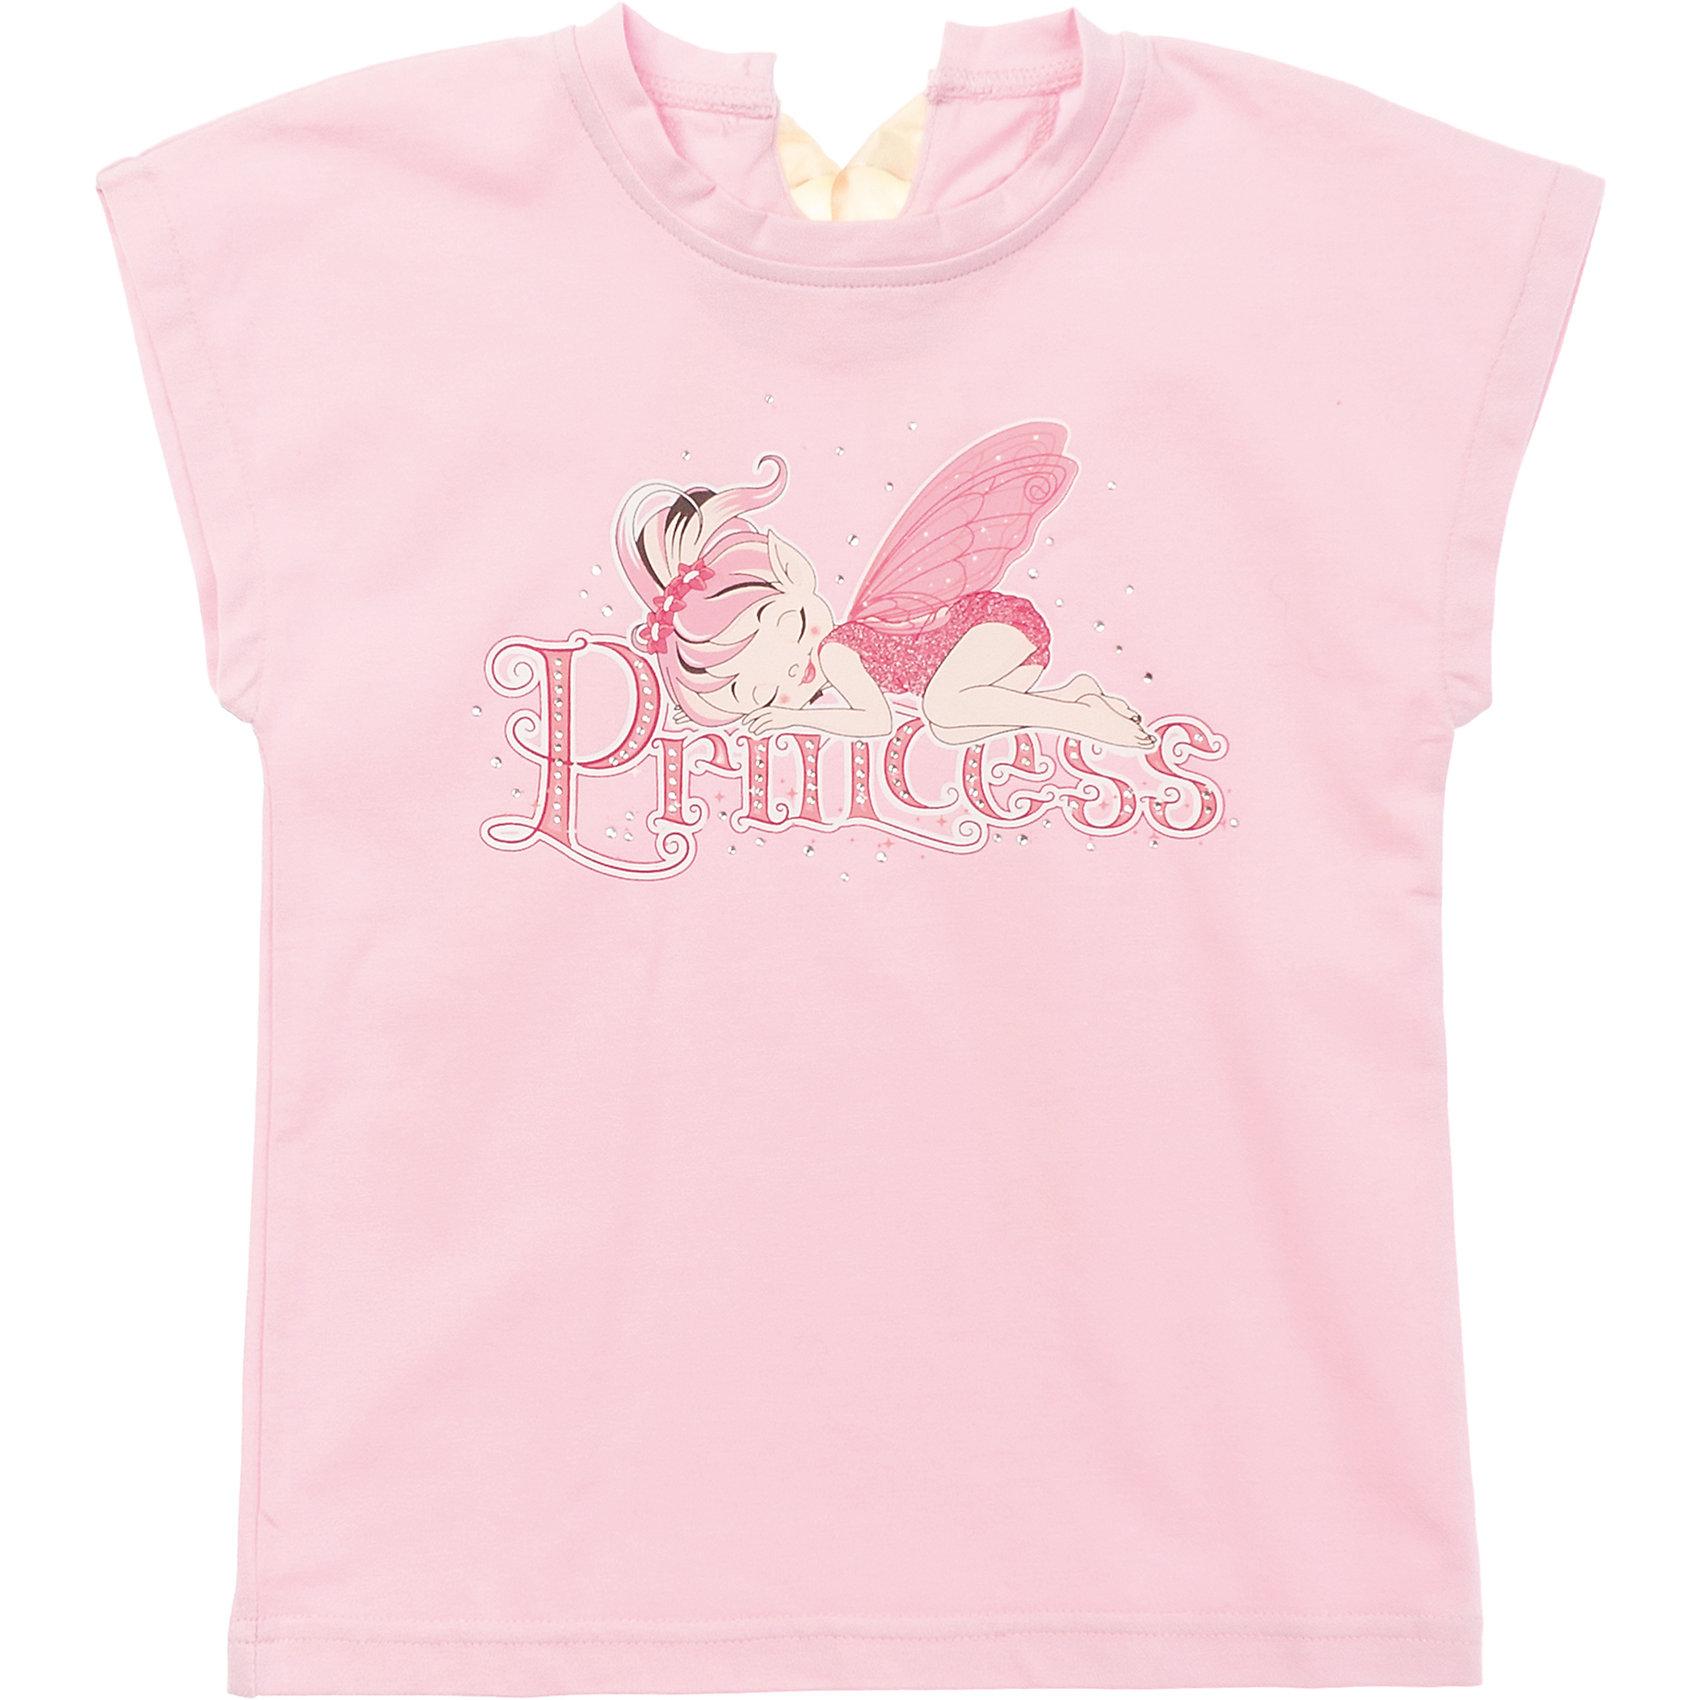 Футболка для девочки PlayTodayФутболки, поло и топы<br>Мягкая хлопковая футболка клубнично-розового цвета. Украшена резиновым принтом с феей, глиттером и стразами. Состав: 95% хлопок, 5% эластан<br><br>Ширина мм: 199<br>Глубина мм: 10<br>Высота мм: 161<br>Вес г: 151<br>Цвет: розовый<br>Возраст от месяцев: 36<br>Возраст до месяцев: 48<br>Пол: Женский<br>Возраст: Детский<br>Размер: 104,116,110,98,128,122<br>SKU: 4652672